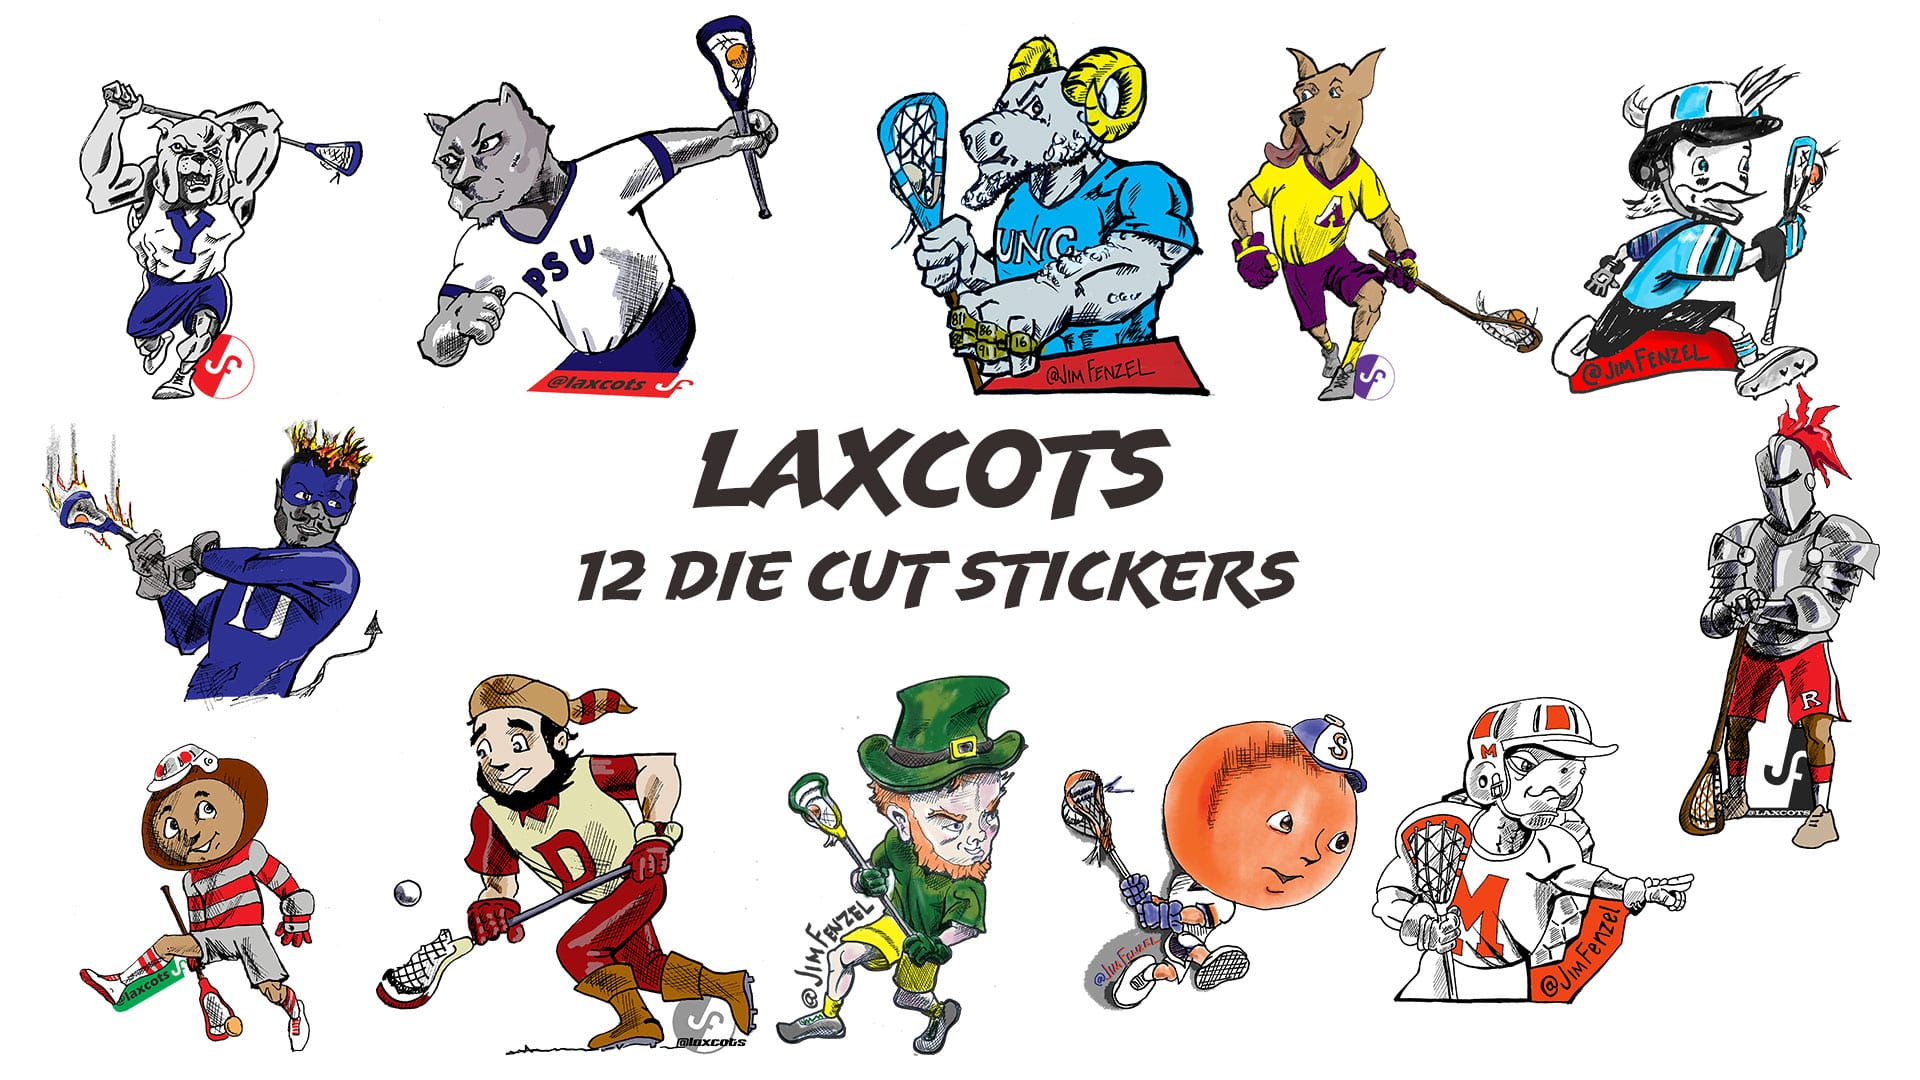 jim fenzel lacrosse cartoon laxcots